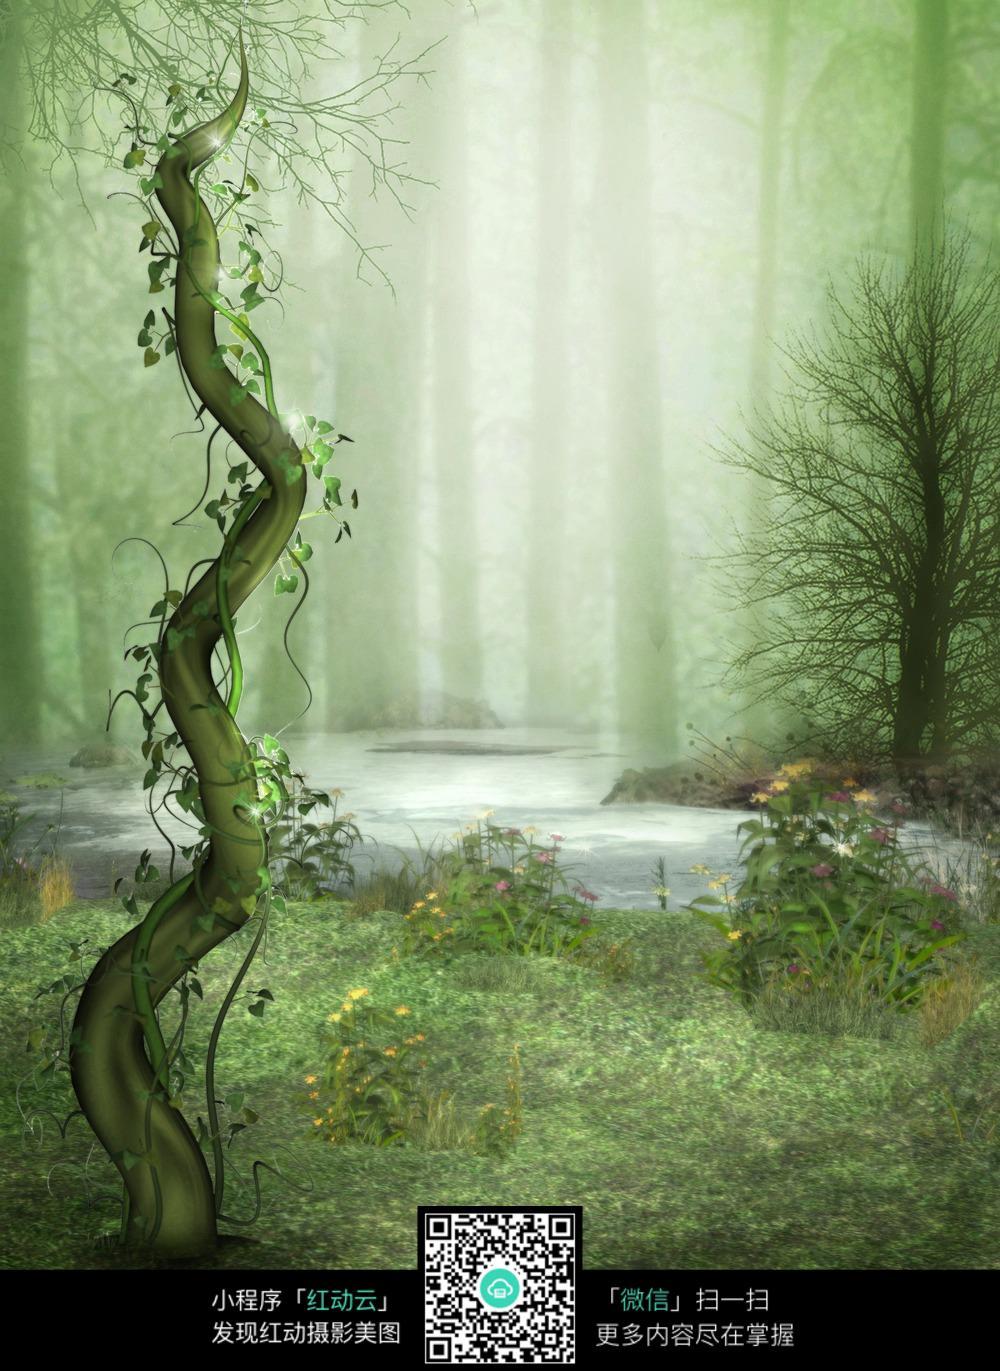 唯美树藤森林背景